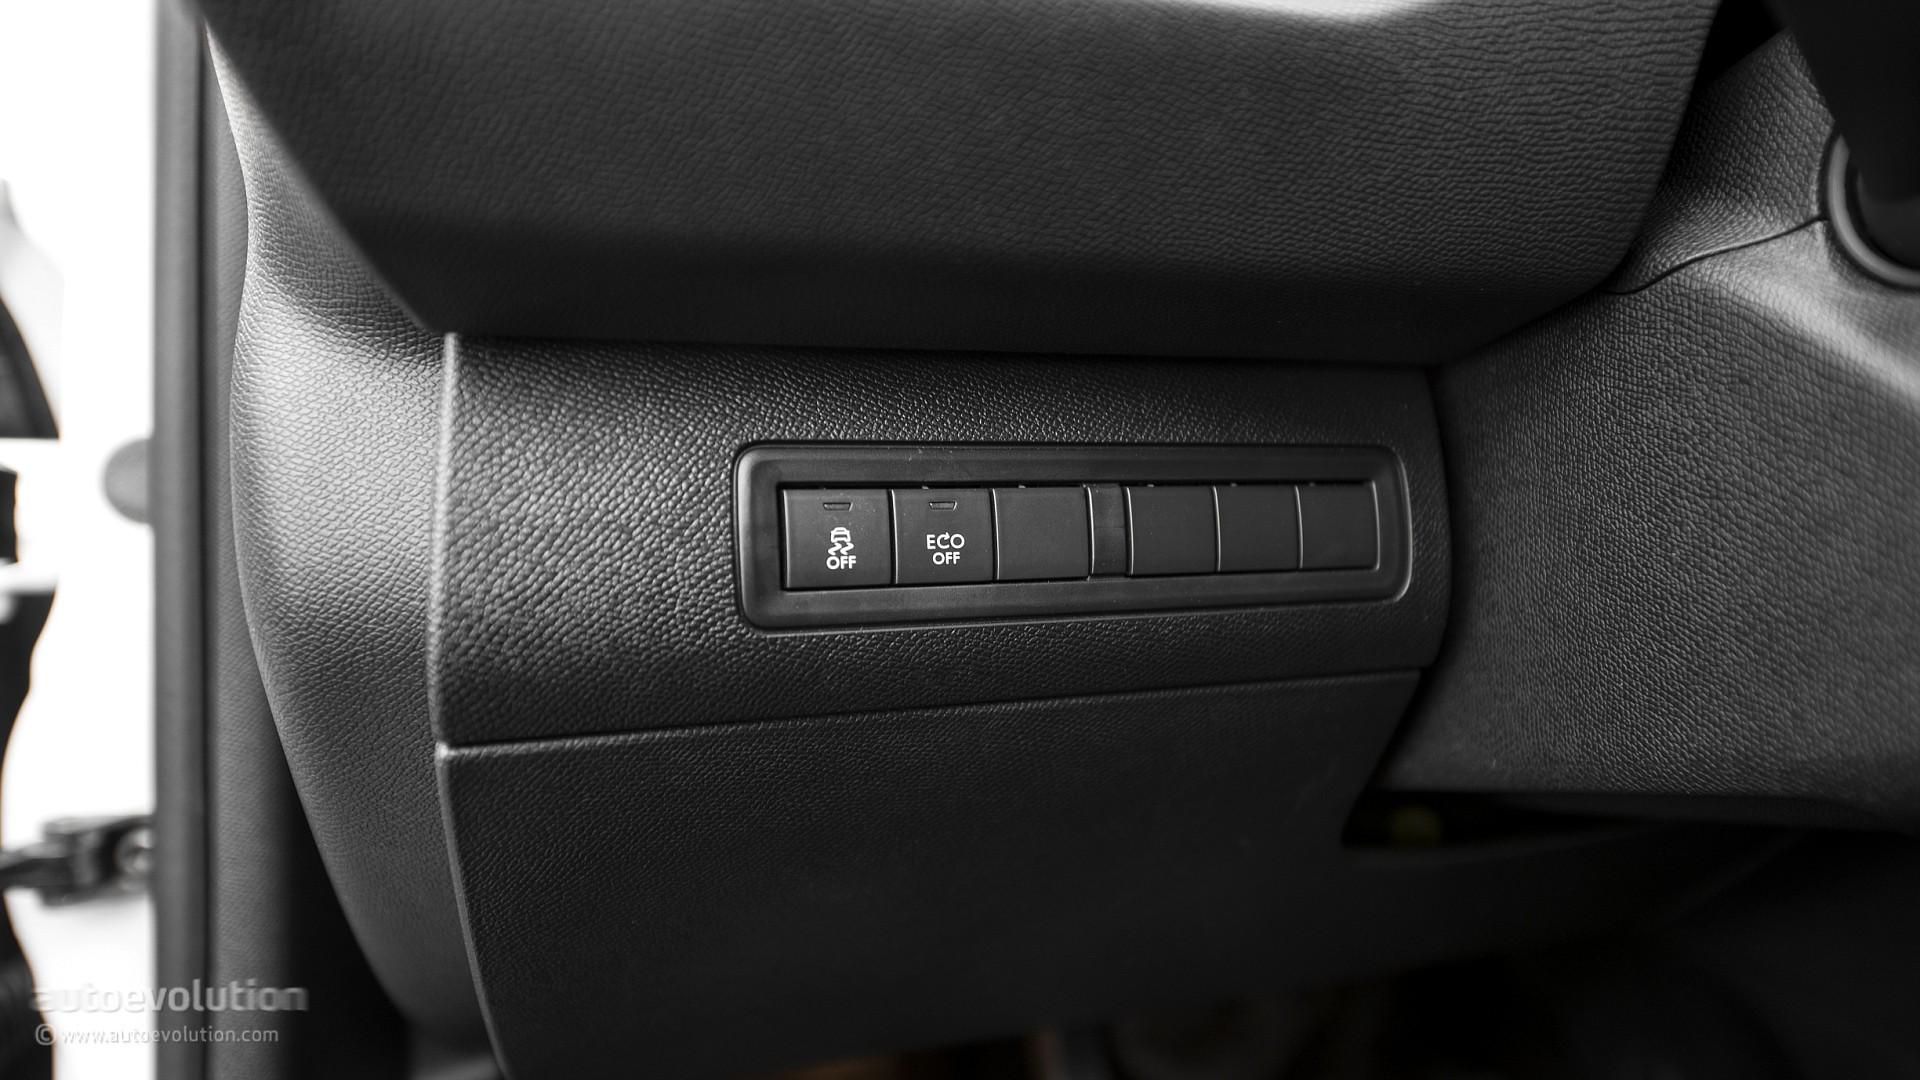 2015 PEUGEOT 308 Review - autoevolution